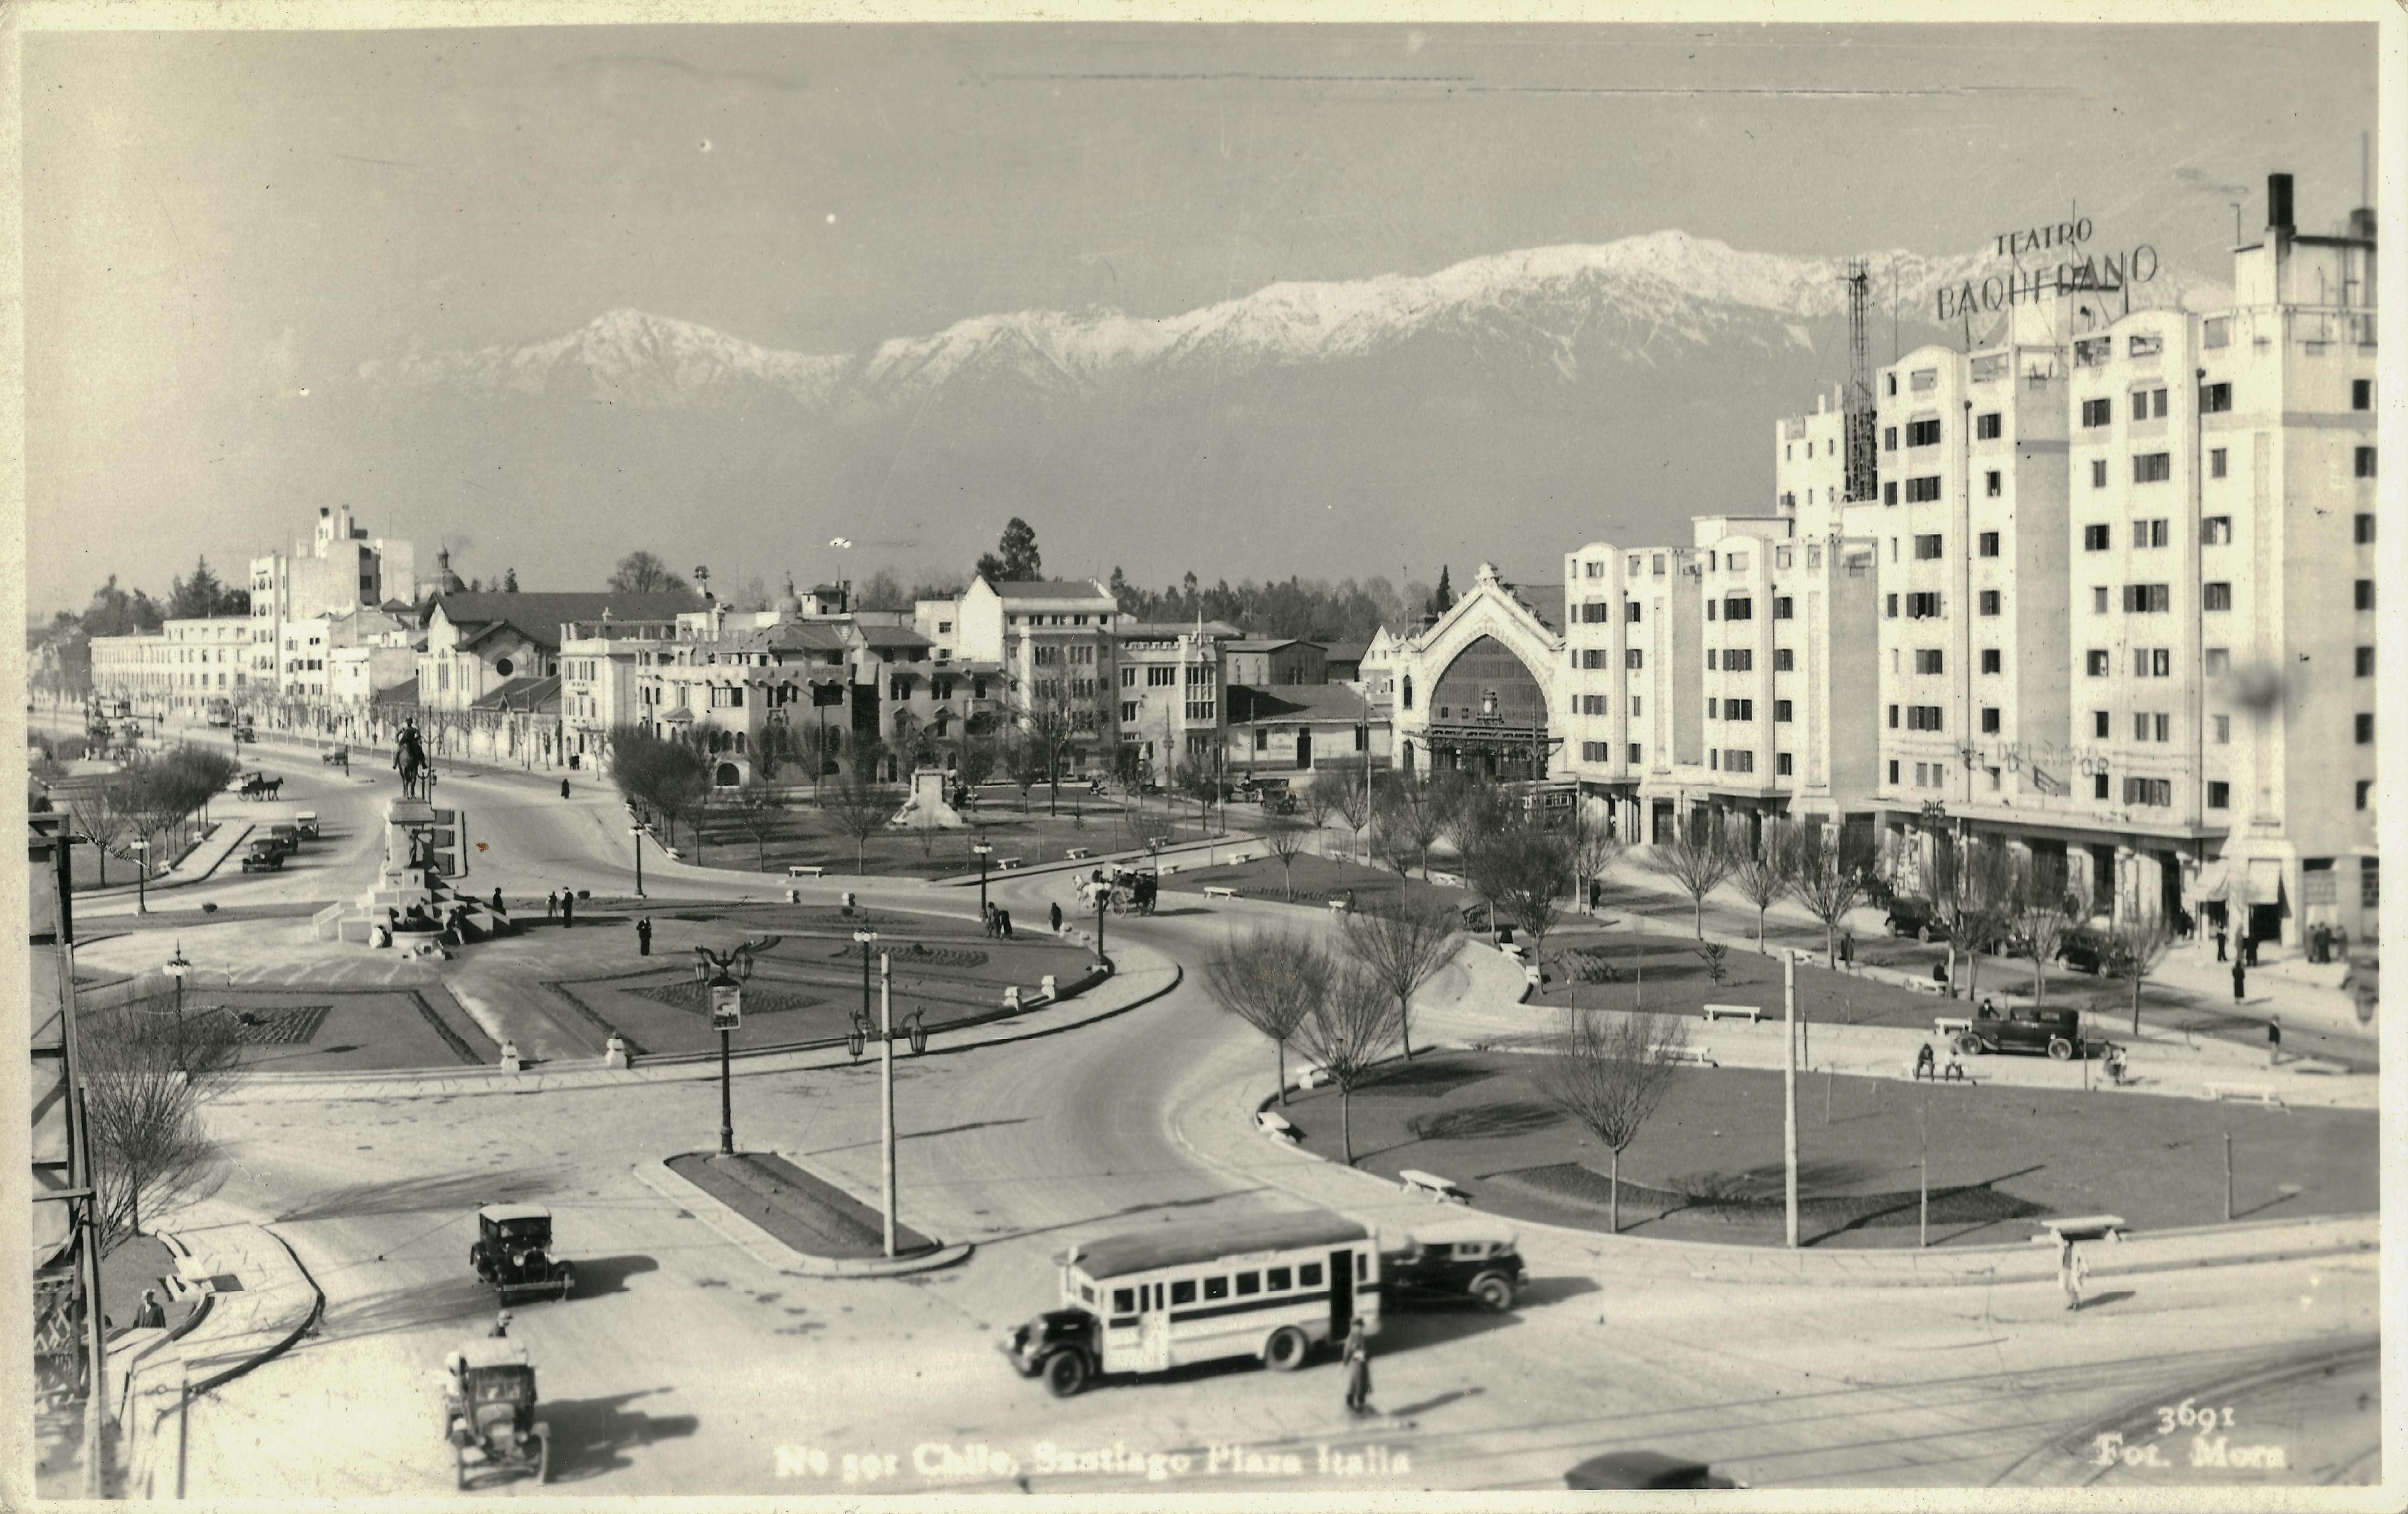 Enterreno - Fotos históricas de chile - fotos antiguas de Chile - Plaza Italia en 1939